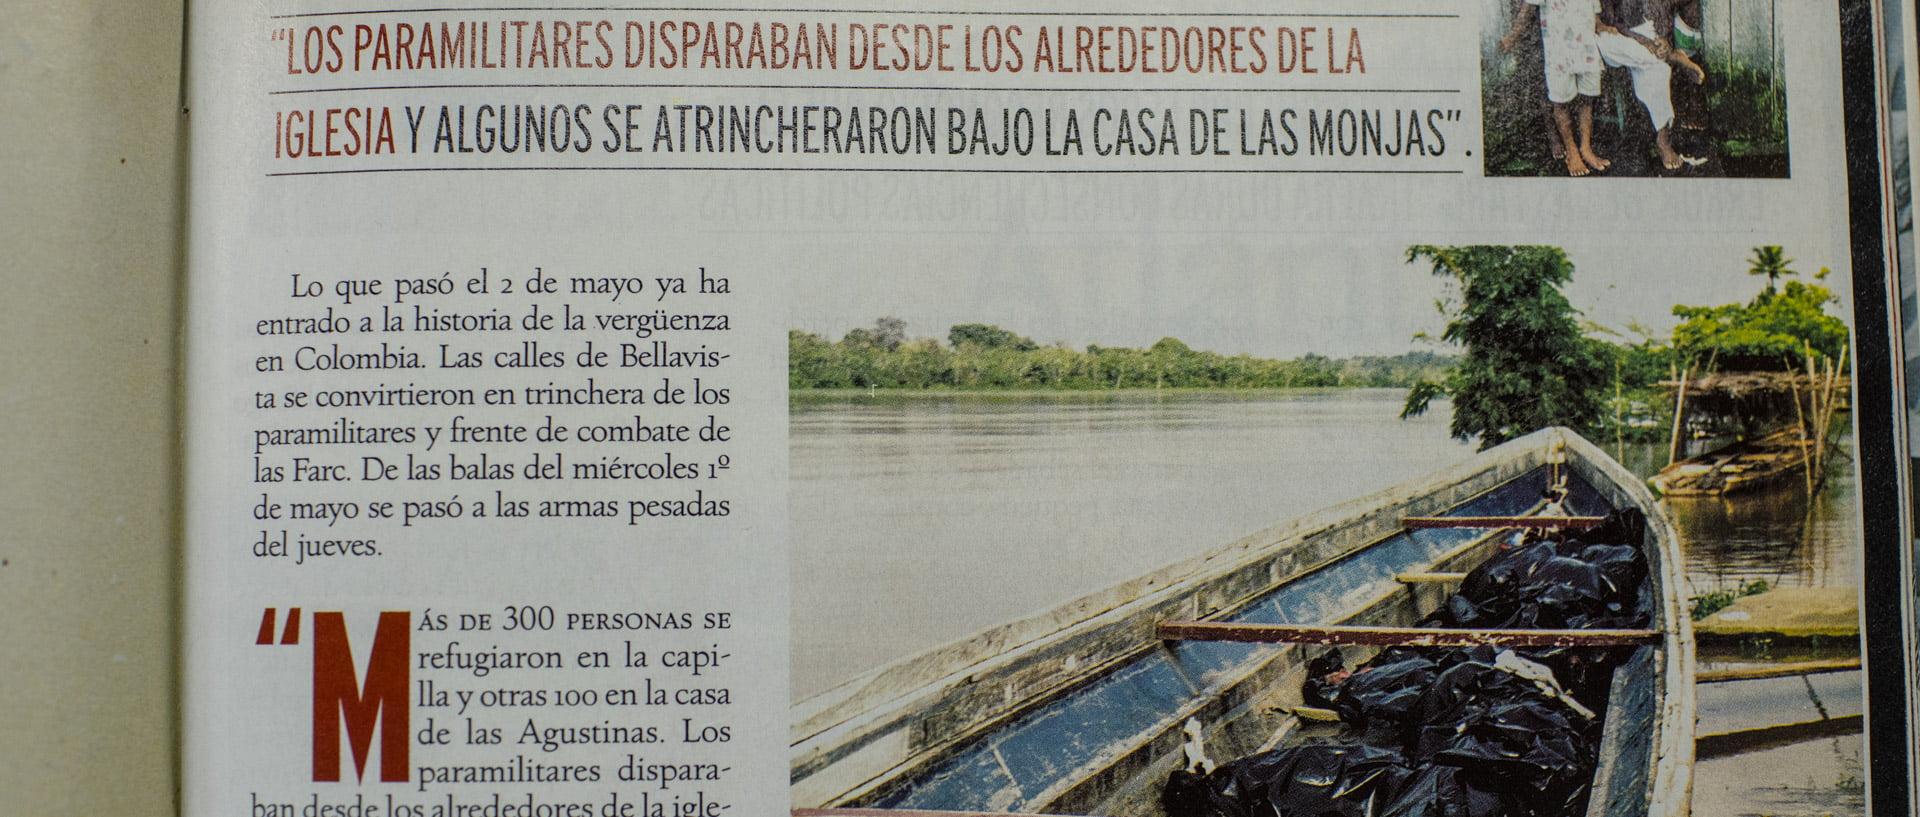 REVISTA CROMOS, 10 de mayo del 2002